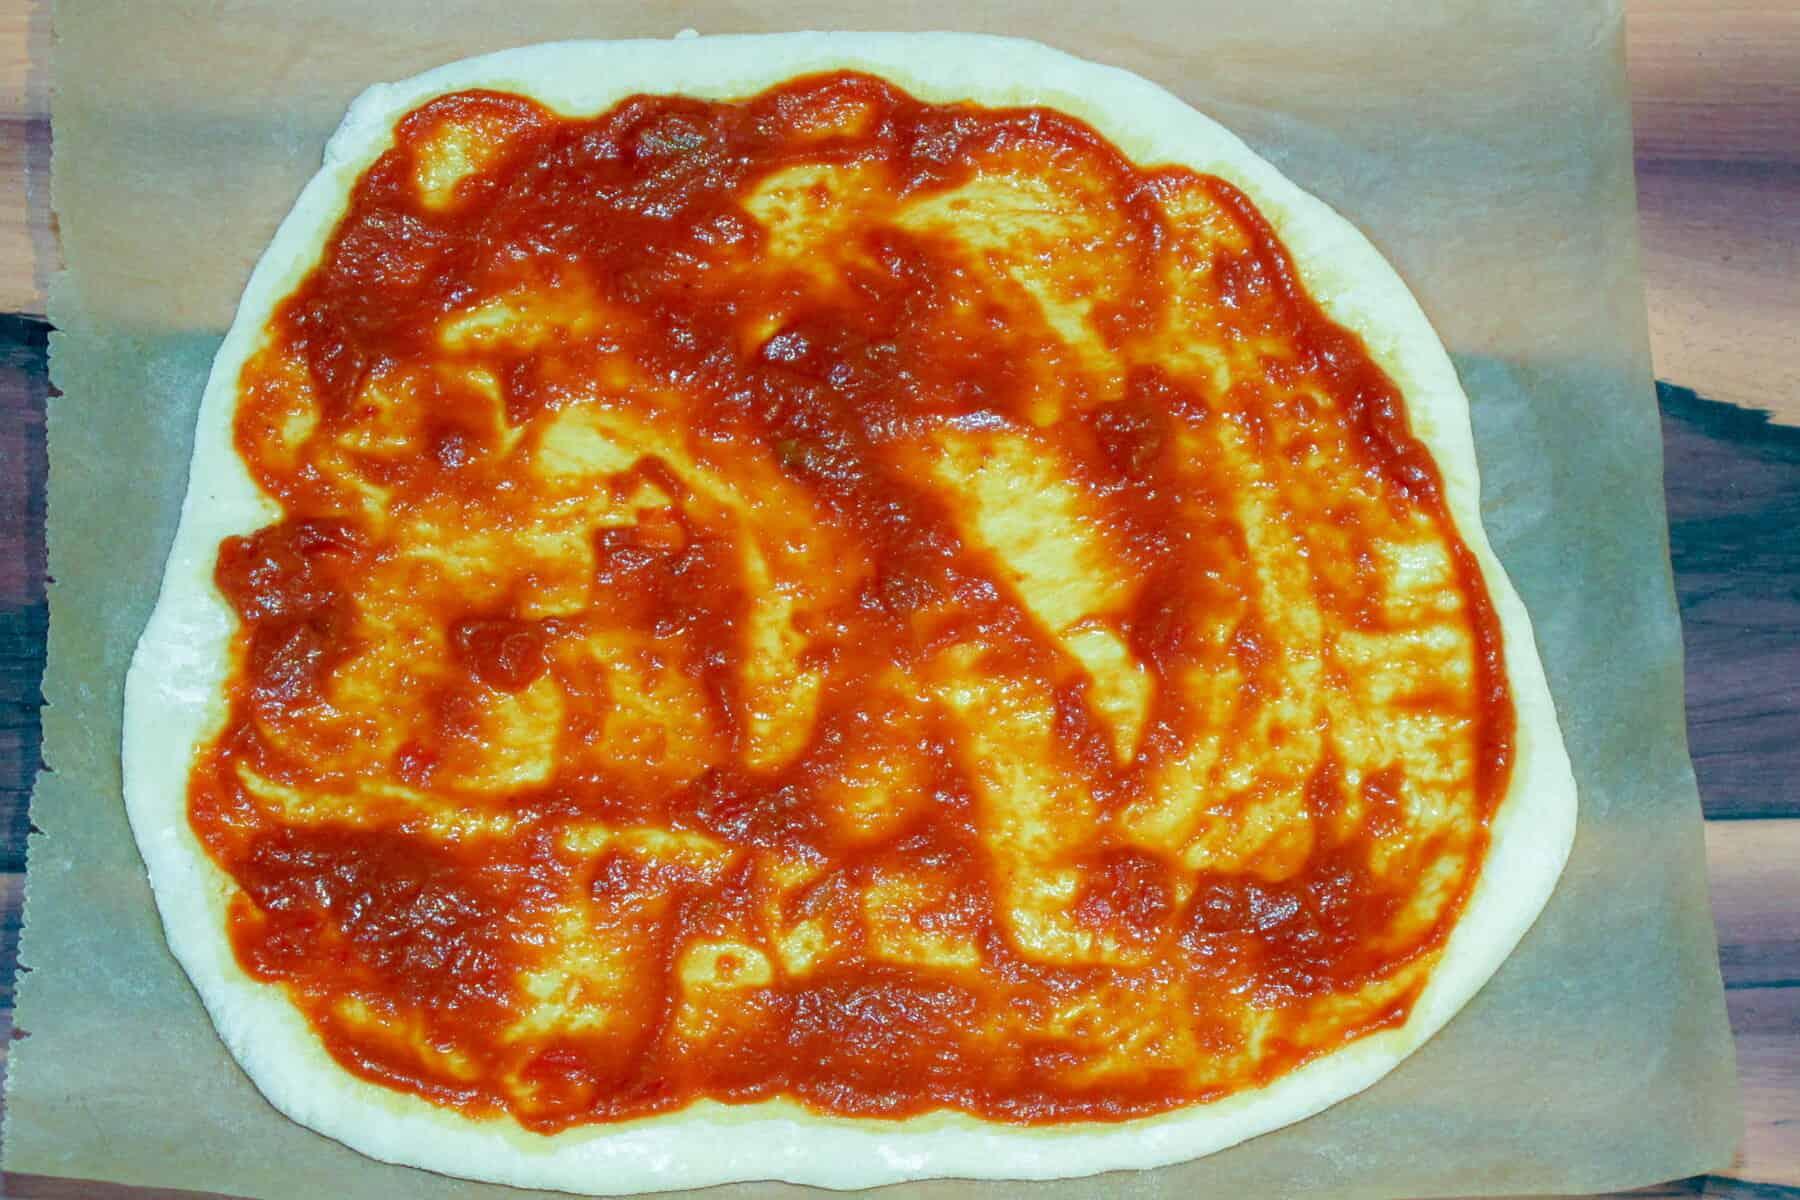 würzige Tomatensauce für Pizza